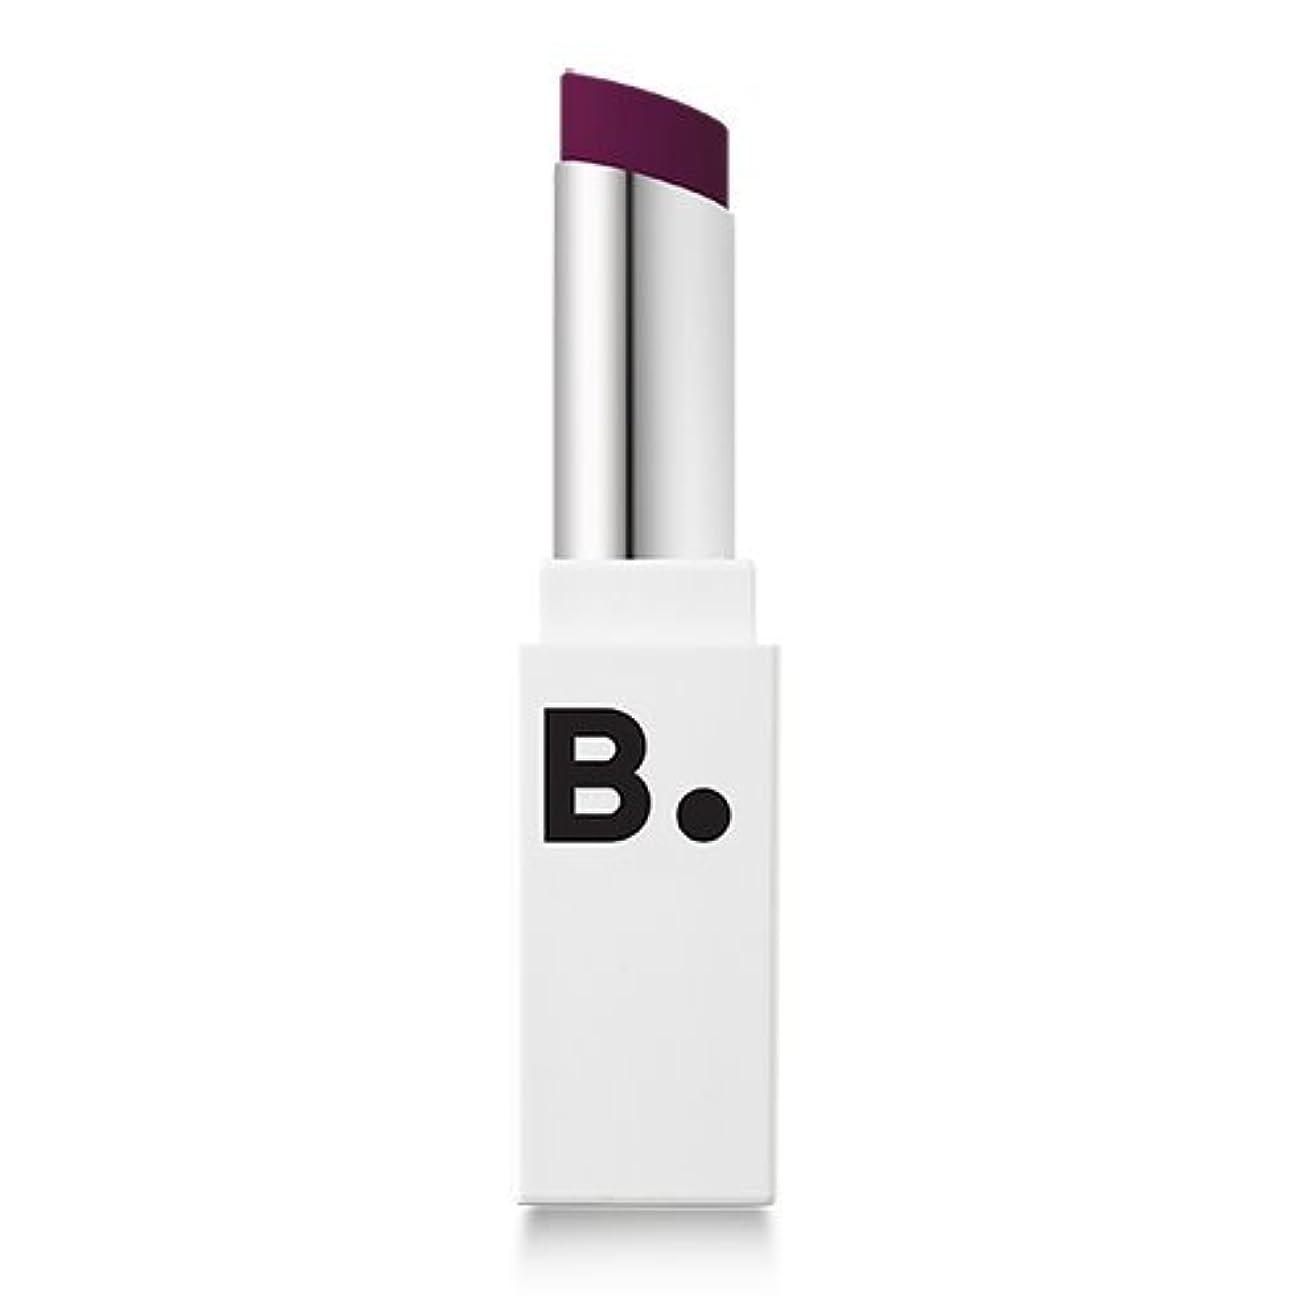 食品モジュールクリケットBANILA CO Lip Draw Matte Blast Stick 4.2g/バニラコ リップ ドロー マット ブラスト スティック 4.2g (#MPP01) [並行輸入品]